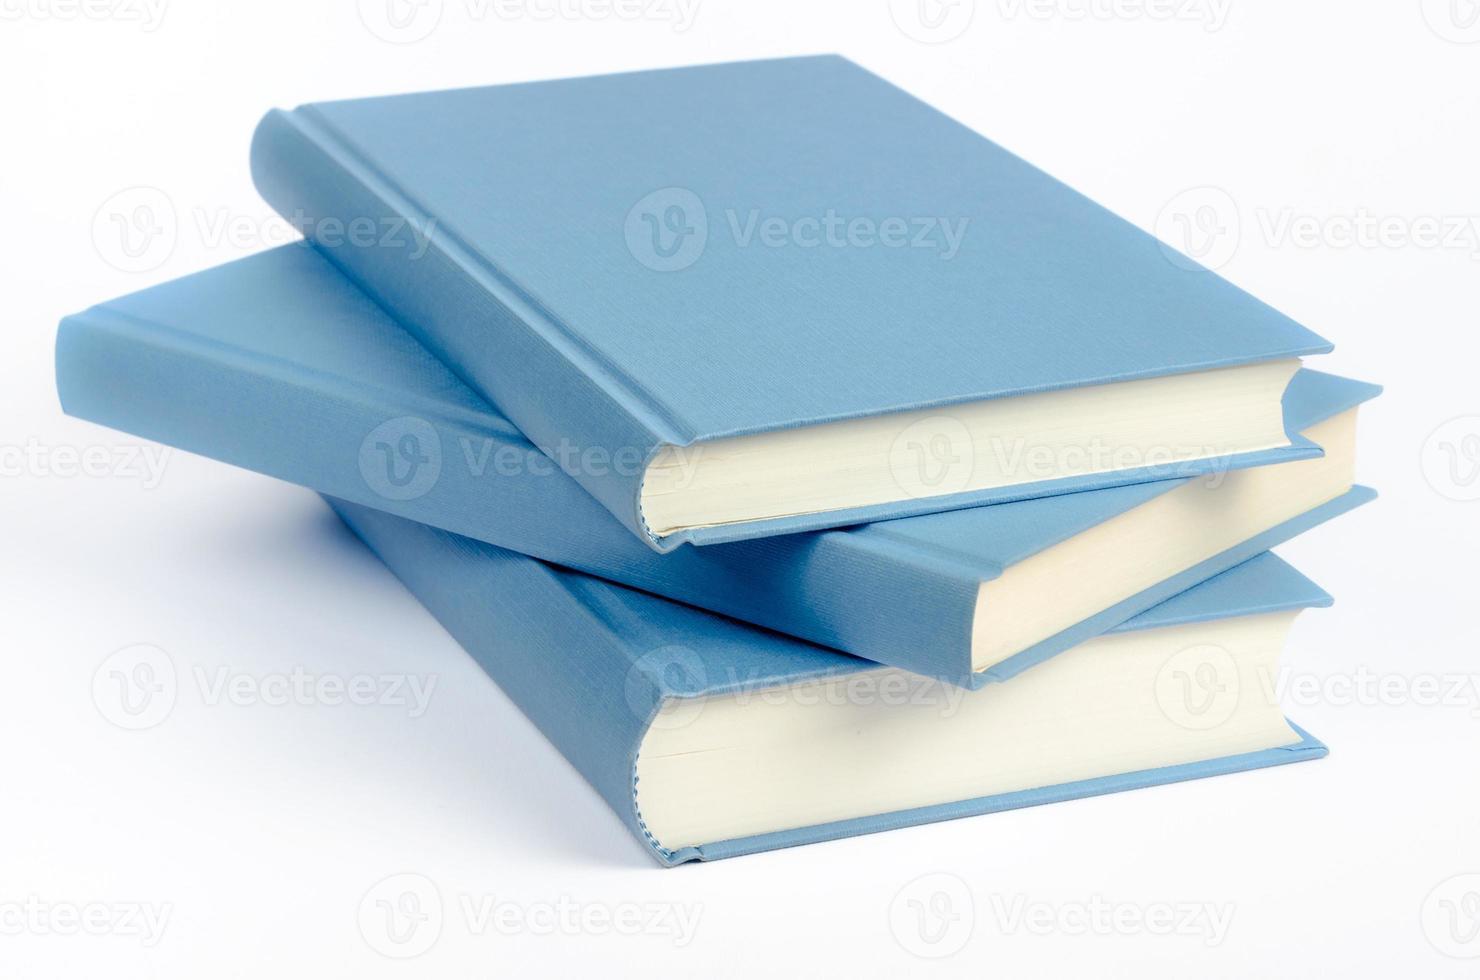 tre libri blu su sfondo bianco foto